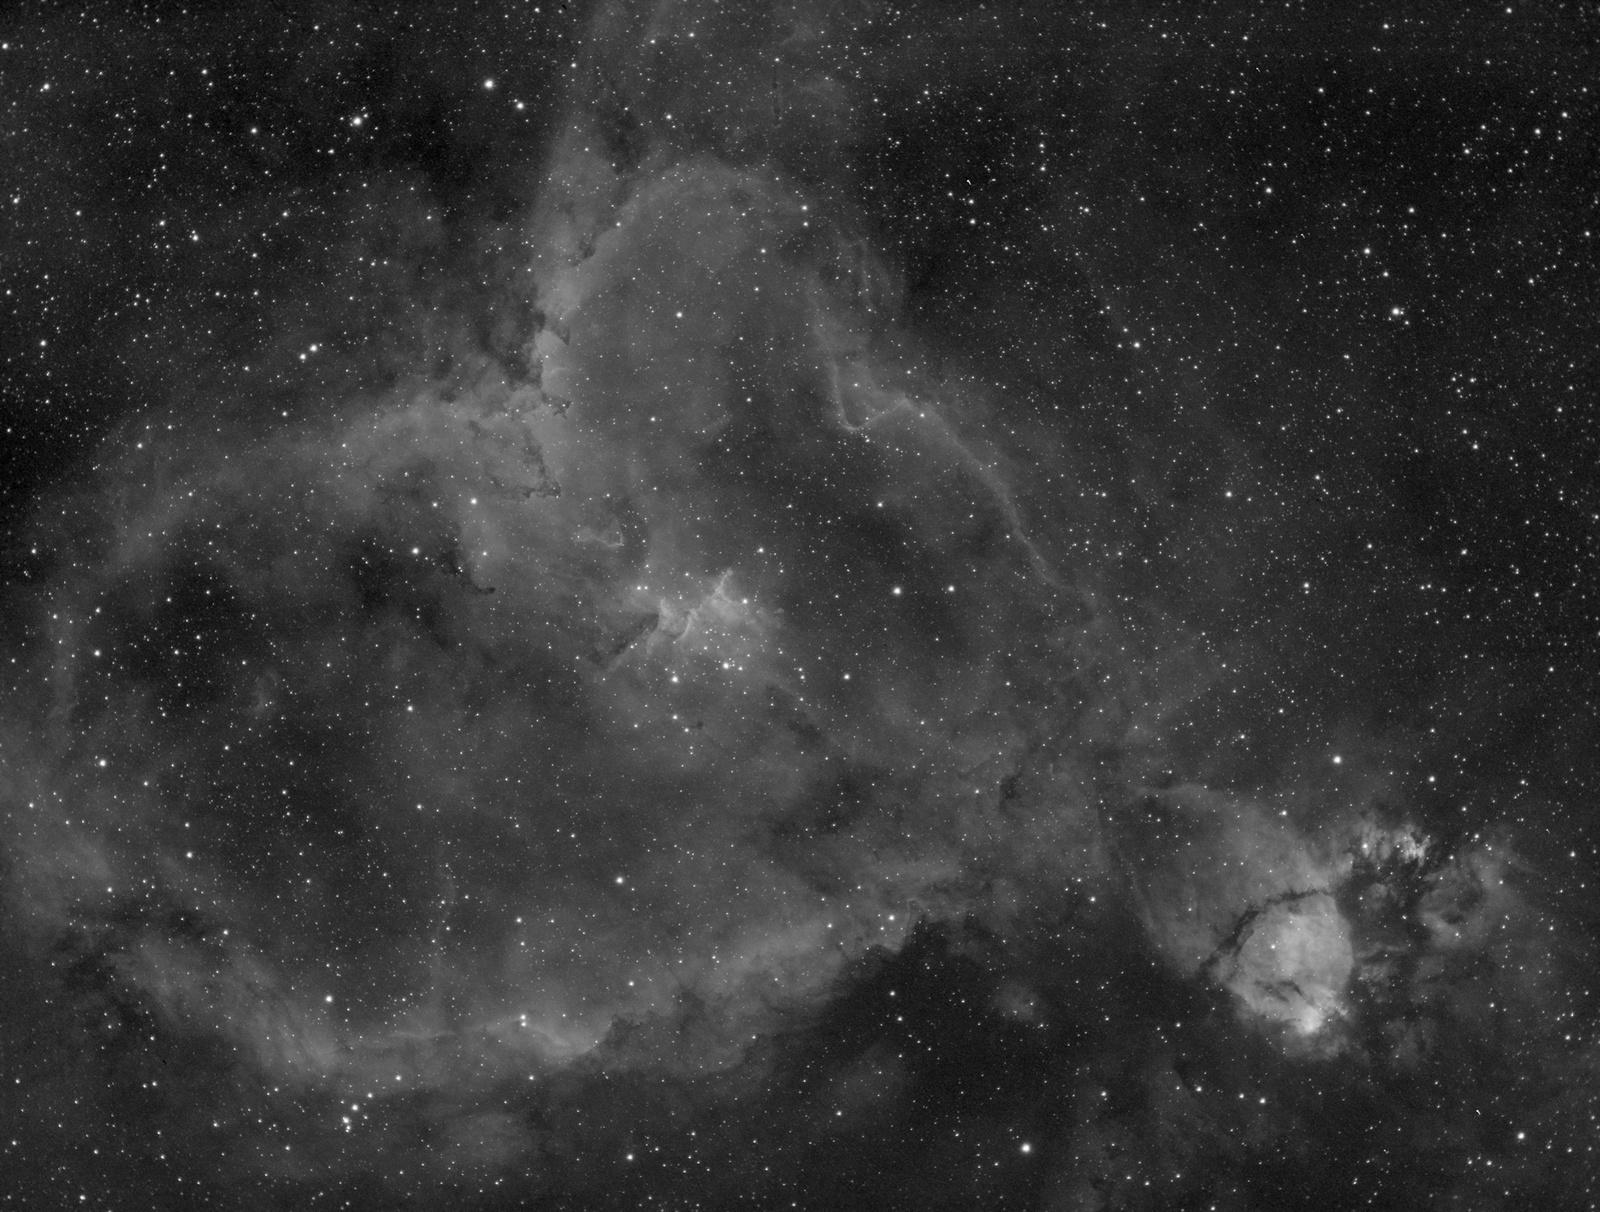 IC1805_ha.thumb.jpg.36d8cccc2dea73863365d62ec592034a.jpg